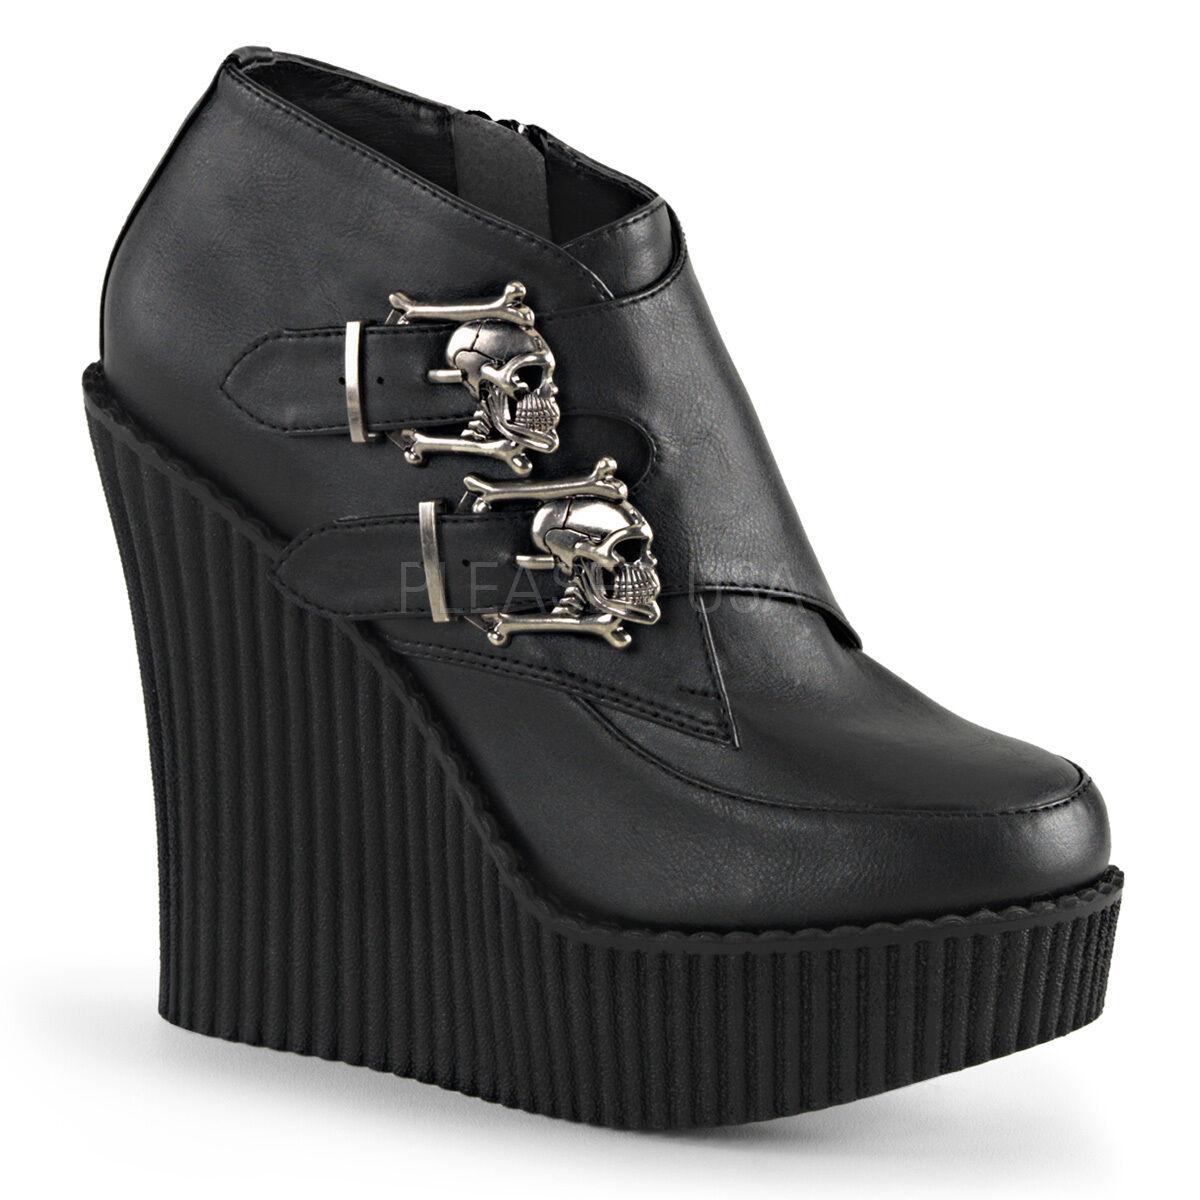 Demonia Creeper 306 Ladies Black Wedge Platform Vegan Leather Buckle Skull Shoes